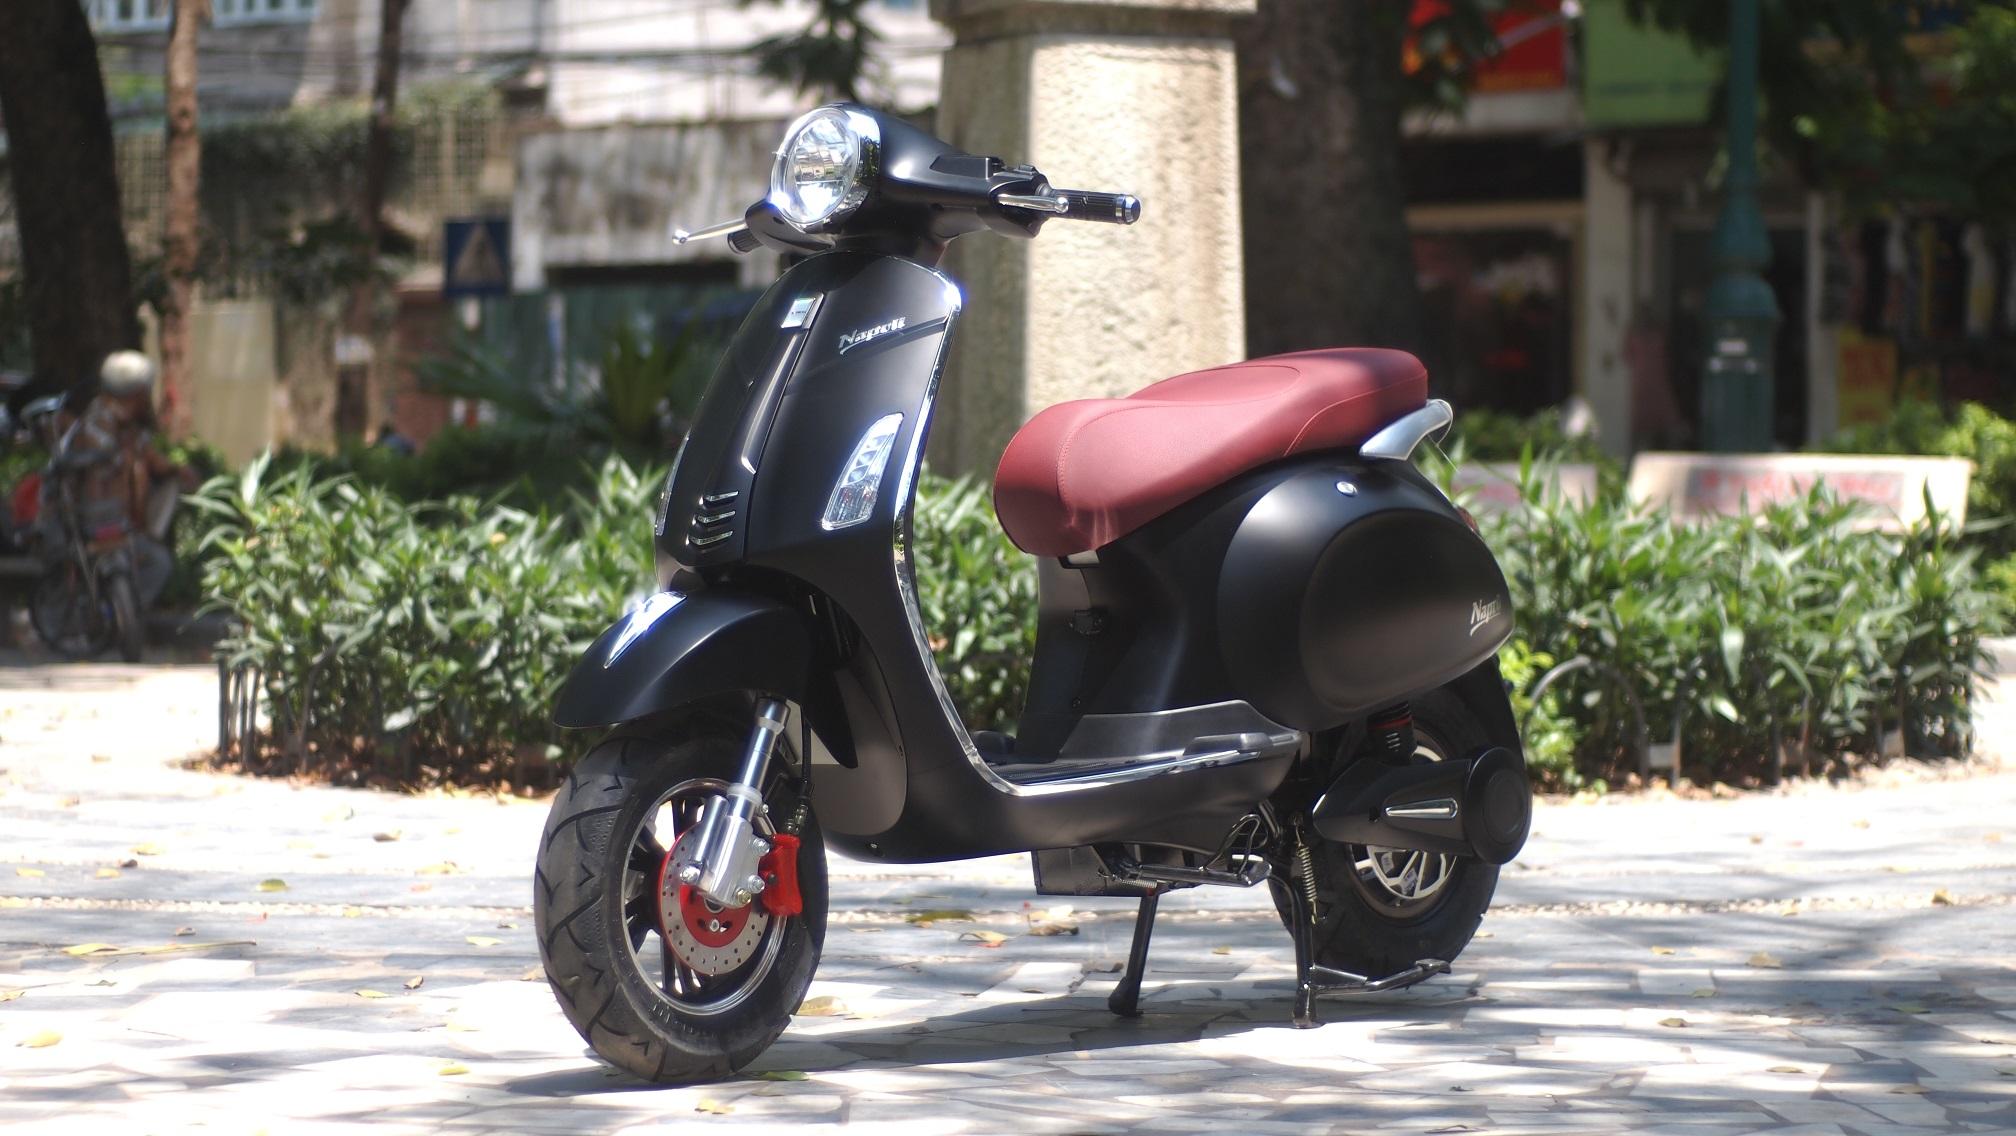 Xe máy điện Napoli S được lấy cảm hứng thiết kế từ loài chim thiên nga